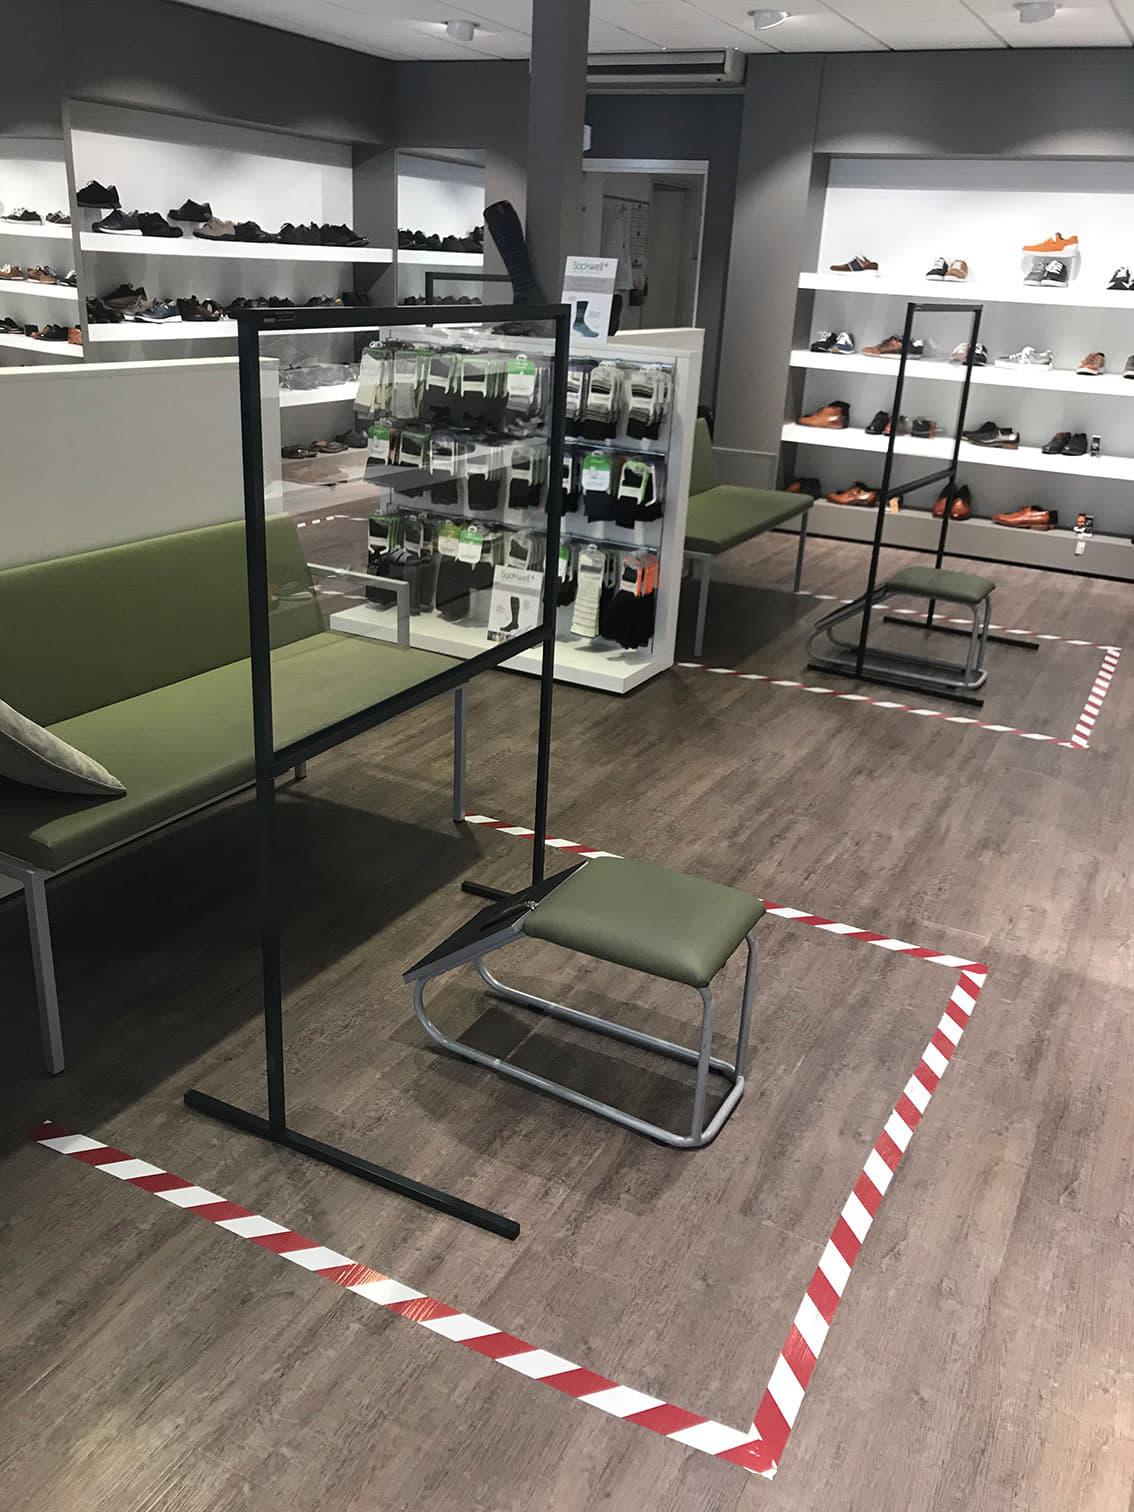 klinkenberg-winkel-aanpassingen